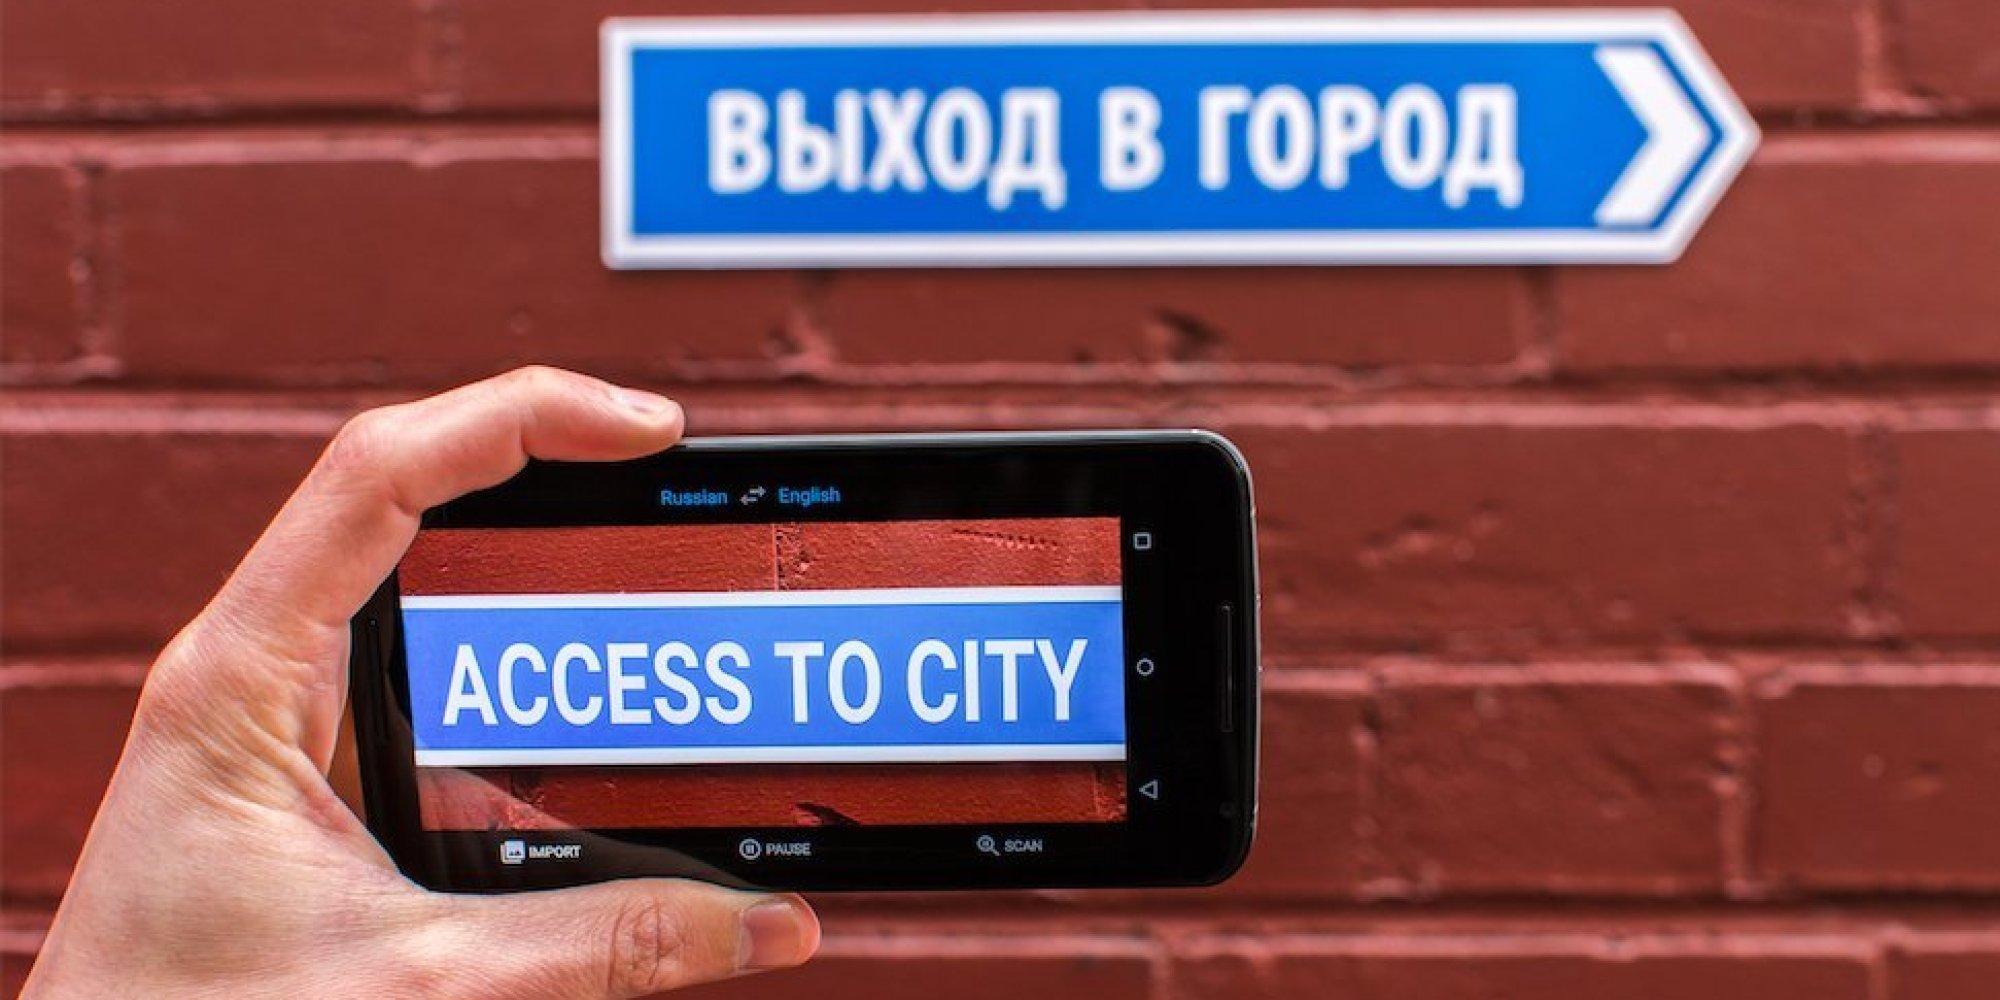 Hình ảnh 10 ứng dụng tiện ích trên smartphone dành cho người đi du lịch số 7